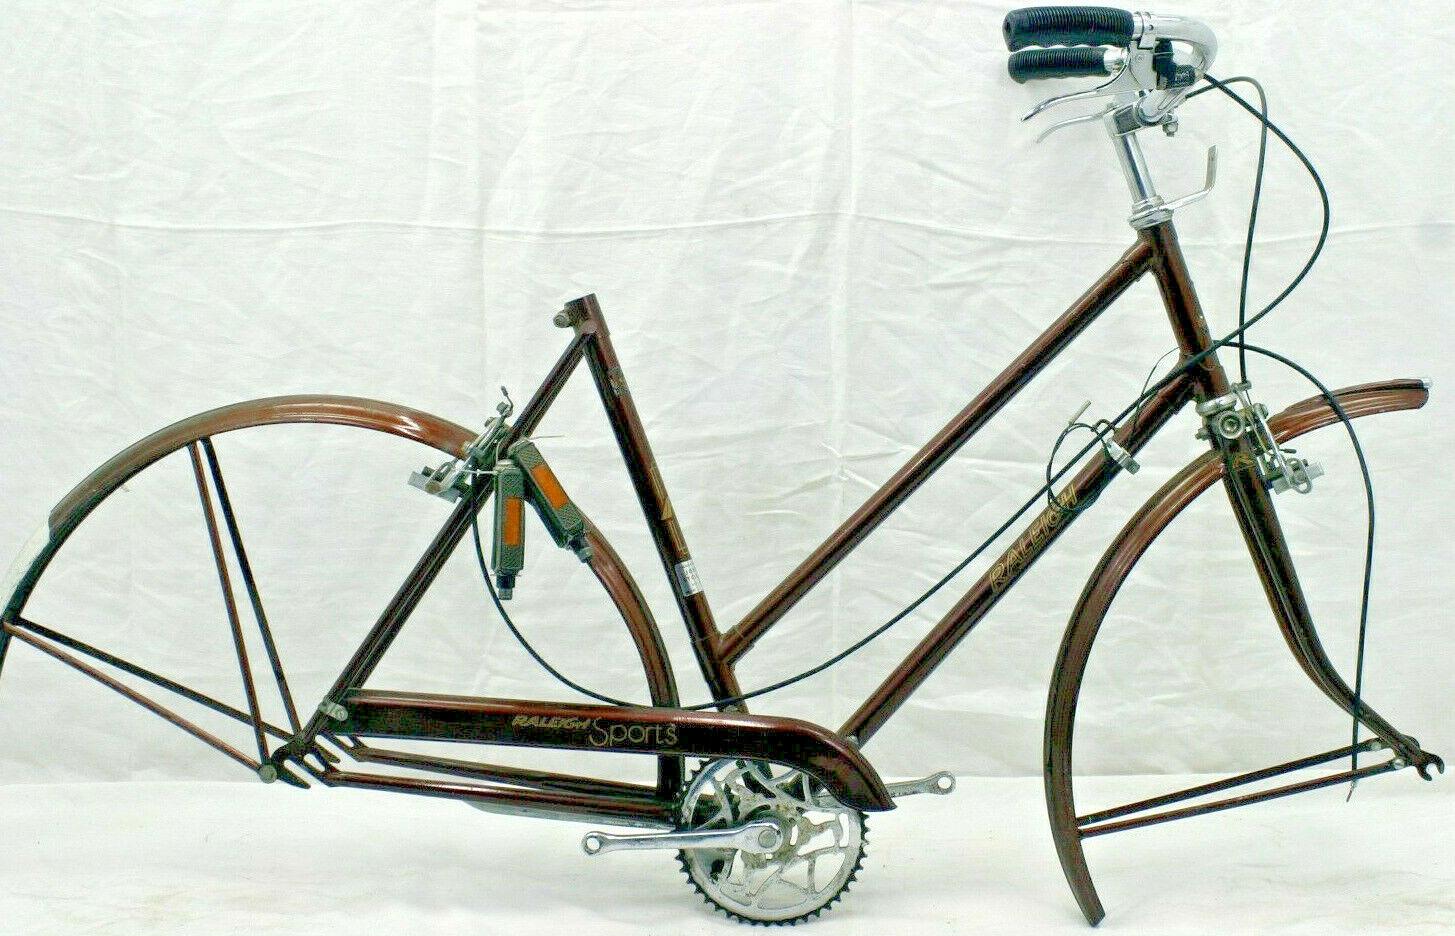 Raleigh deportes Vintage Crucero Marco de bicicleta Mediano 54cm década de 1970 ciudad Acero obras benéficas.